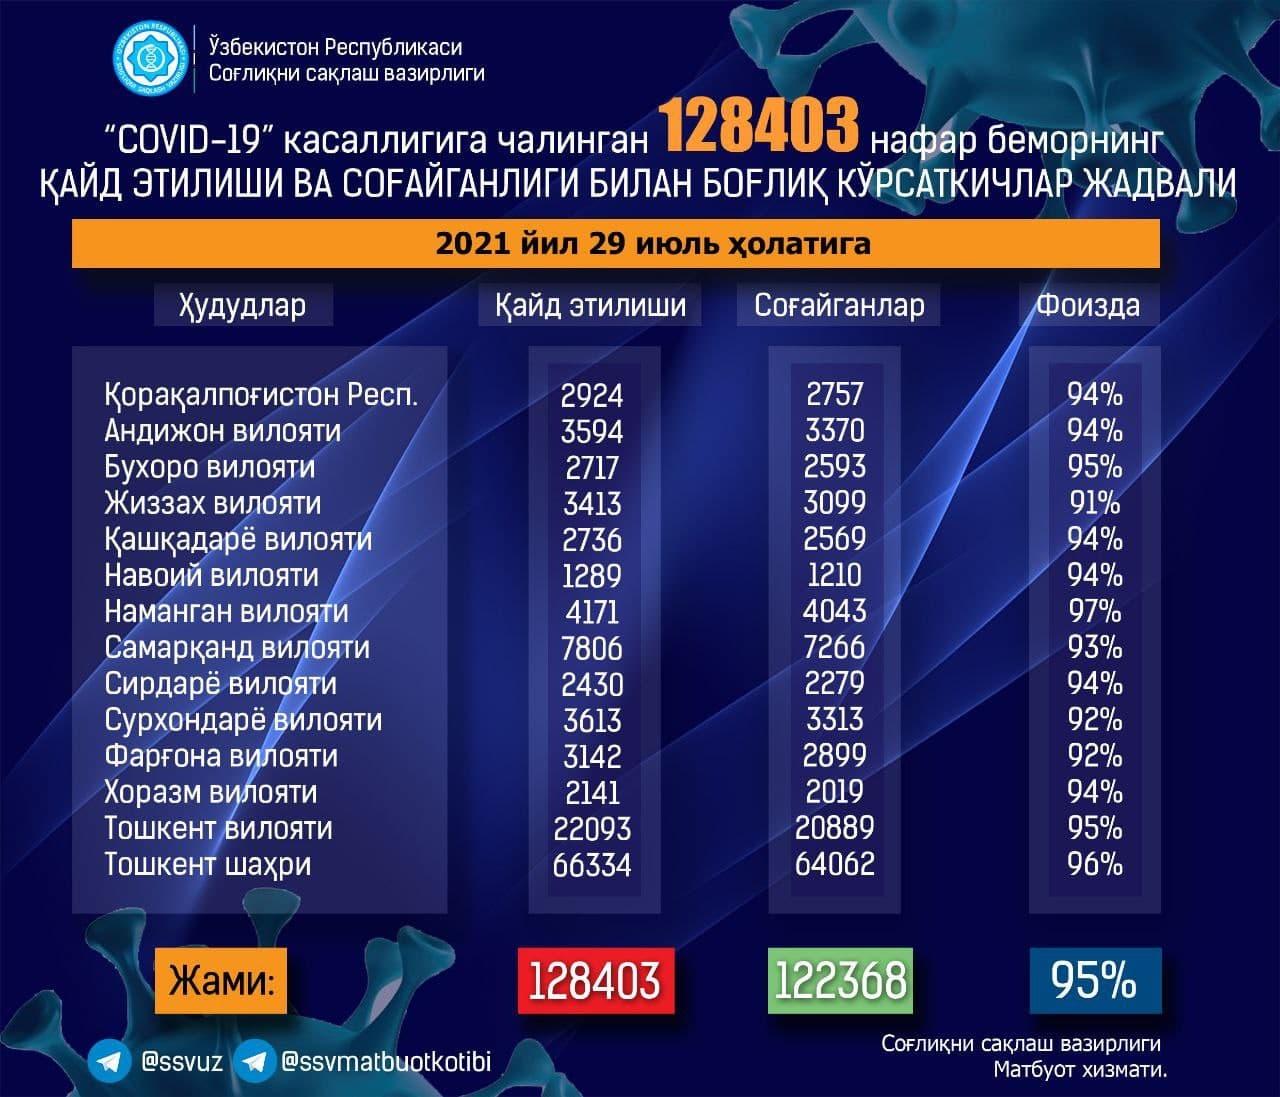 Новый антирекорд: в Узбекистане за сутки выявили почти 900 новых заражений коронавирусом